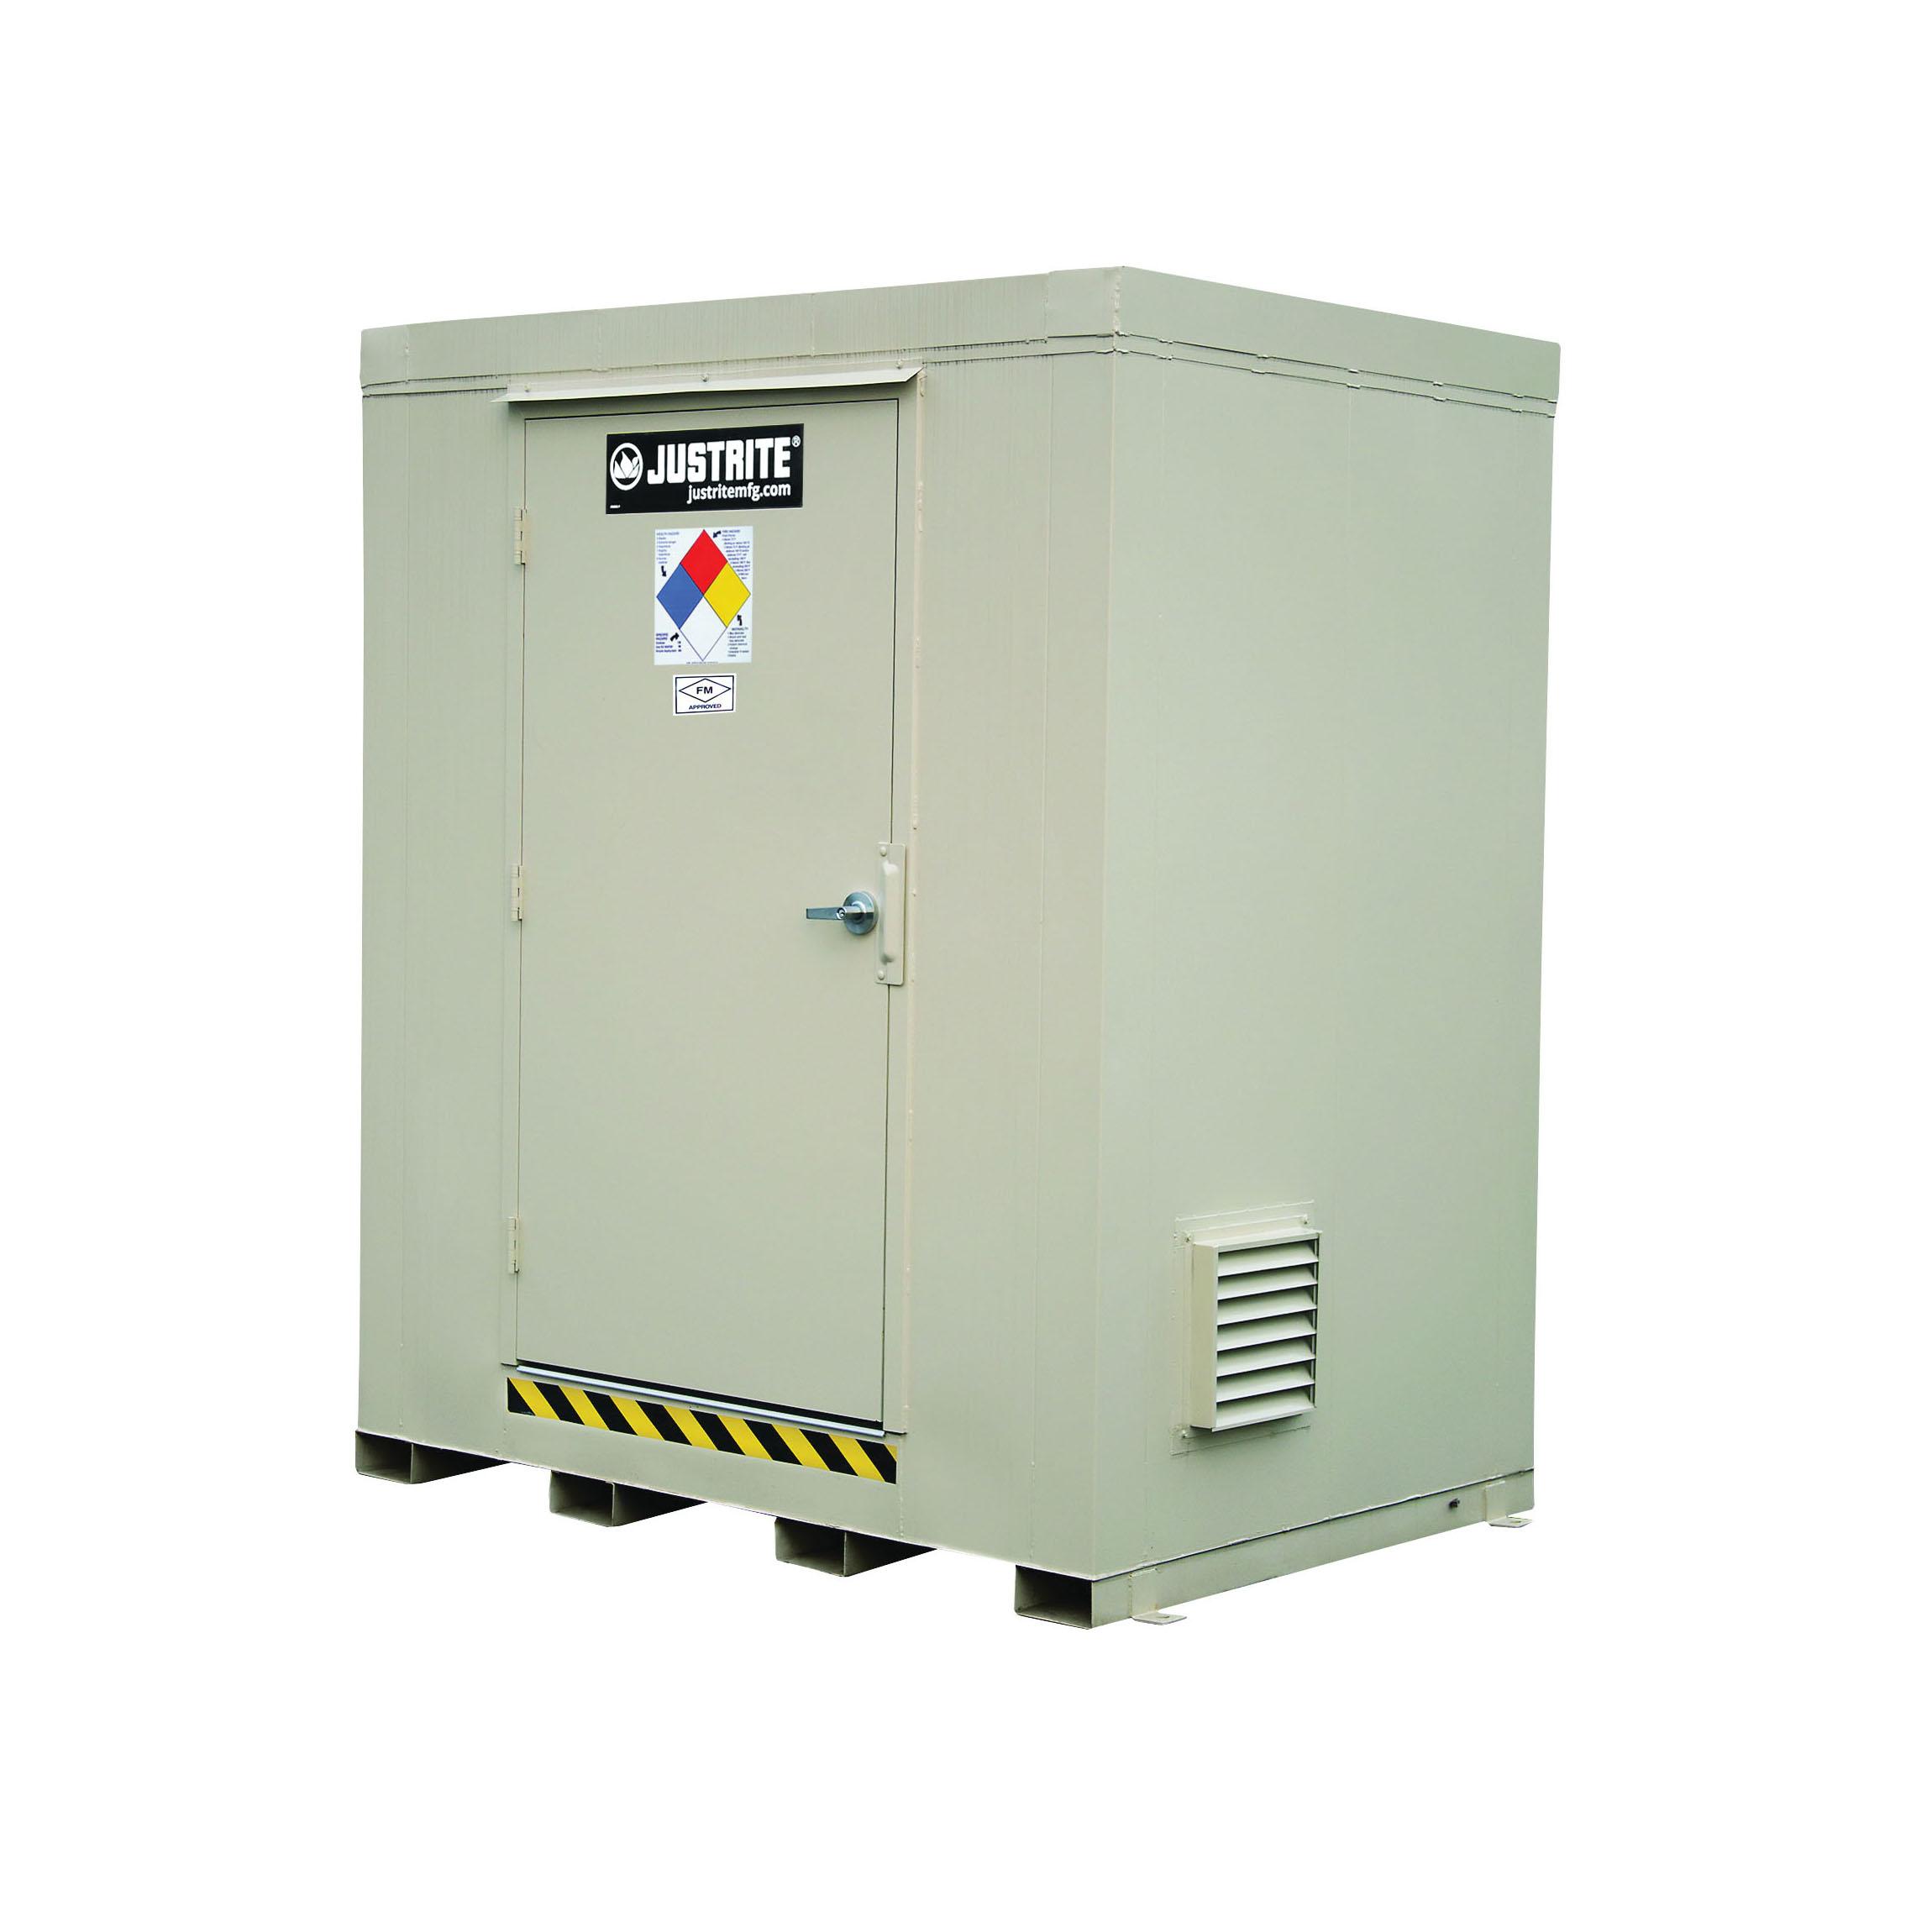 Justrite® 912060 Outdoor Safety Locker, 2 hr Fire Rating, 97 in H x 88 in W x 64 in D, Fire-Rated Door, 1 Doors, Heavy Gauge Steel, Bone